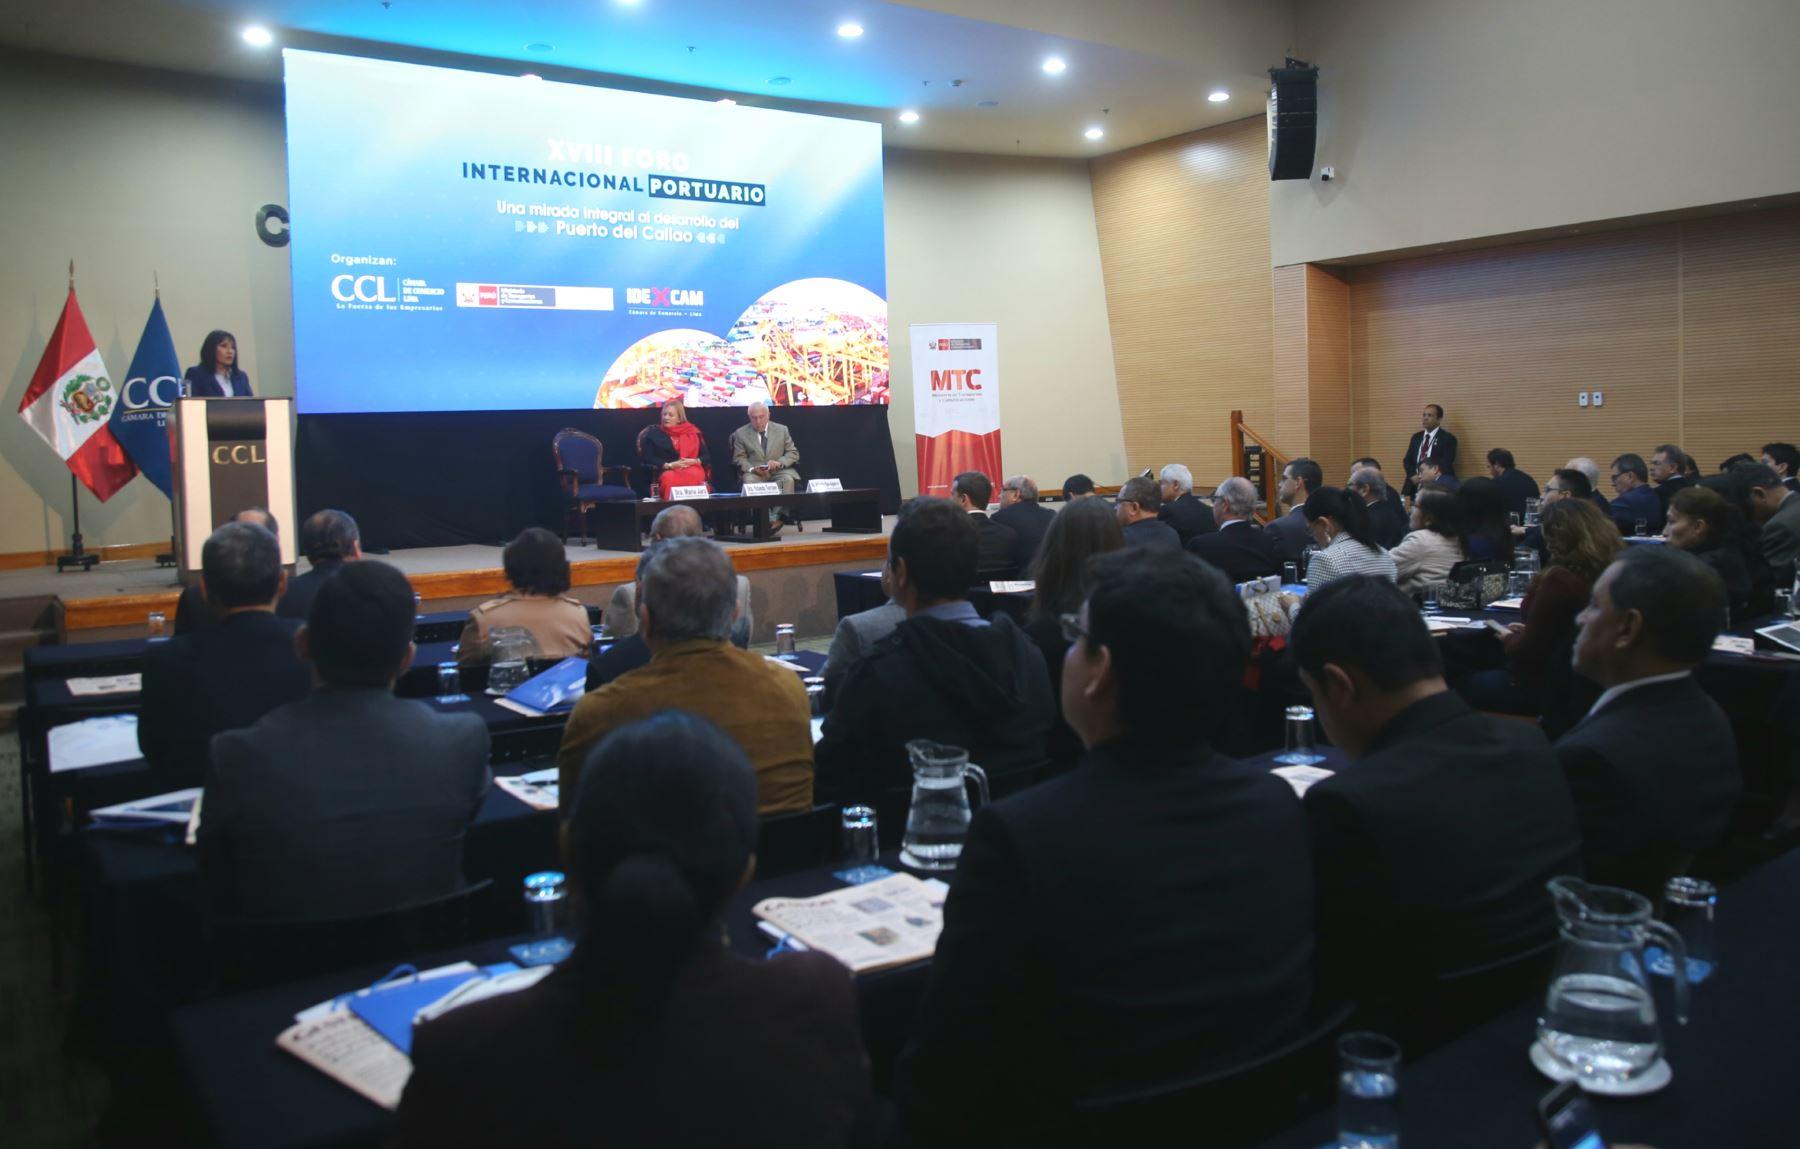 Ministra María Jara participó en el XVIII Foro Internacional Portuario en la Cámara de Comercio de Lima. Foto: MTC